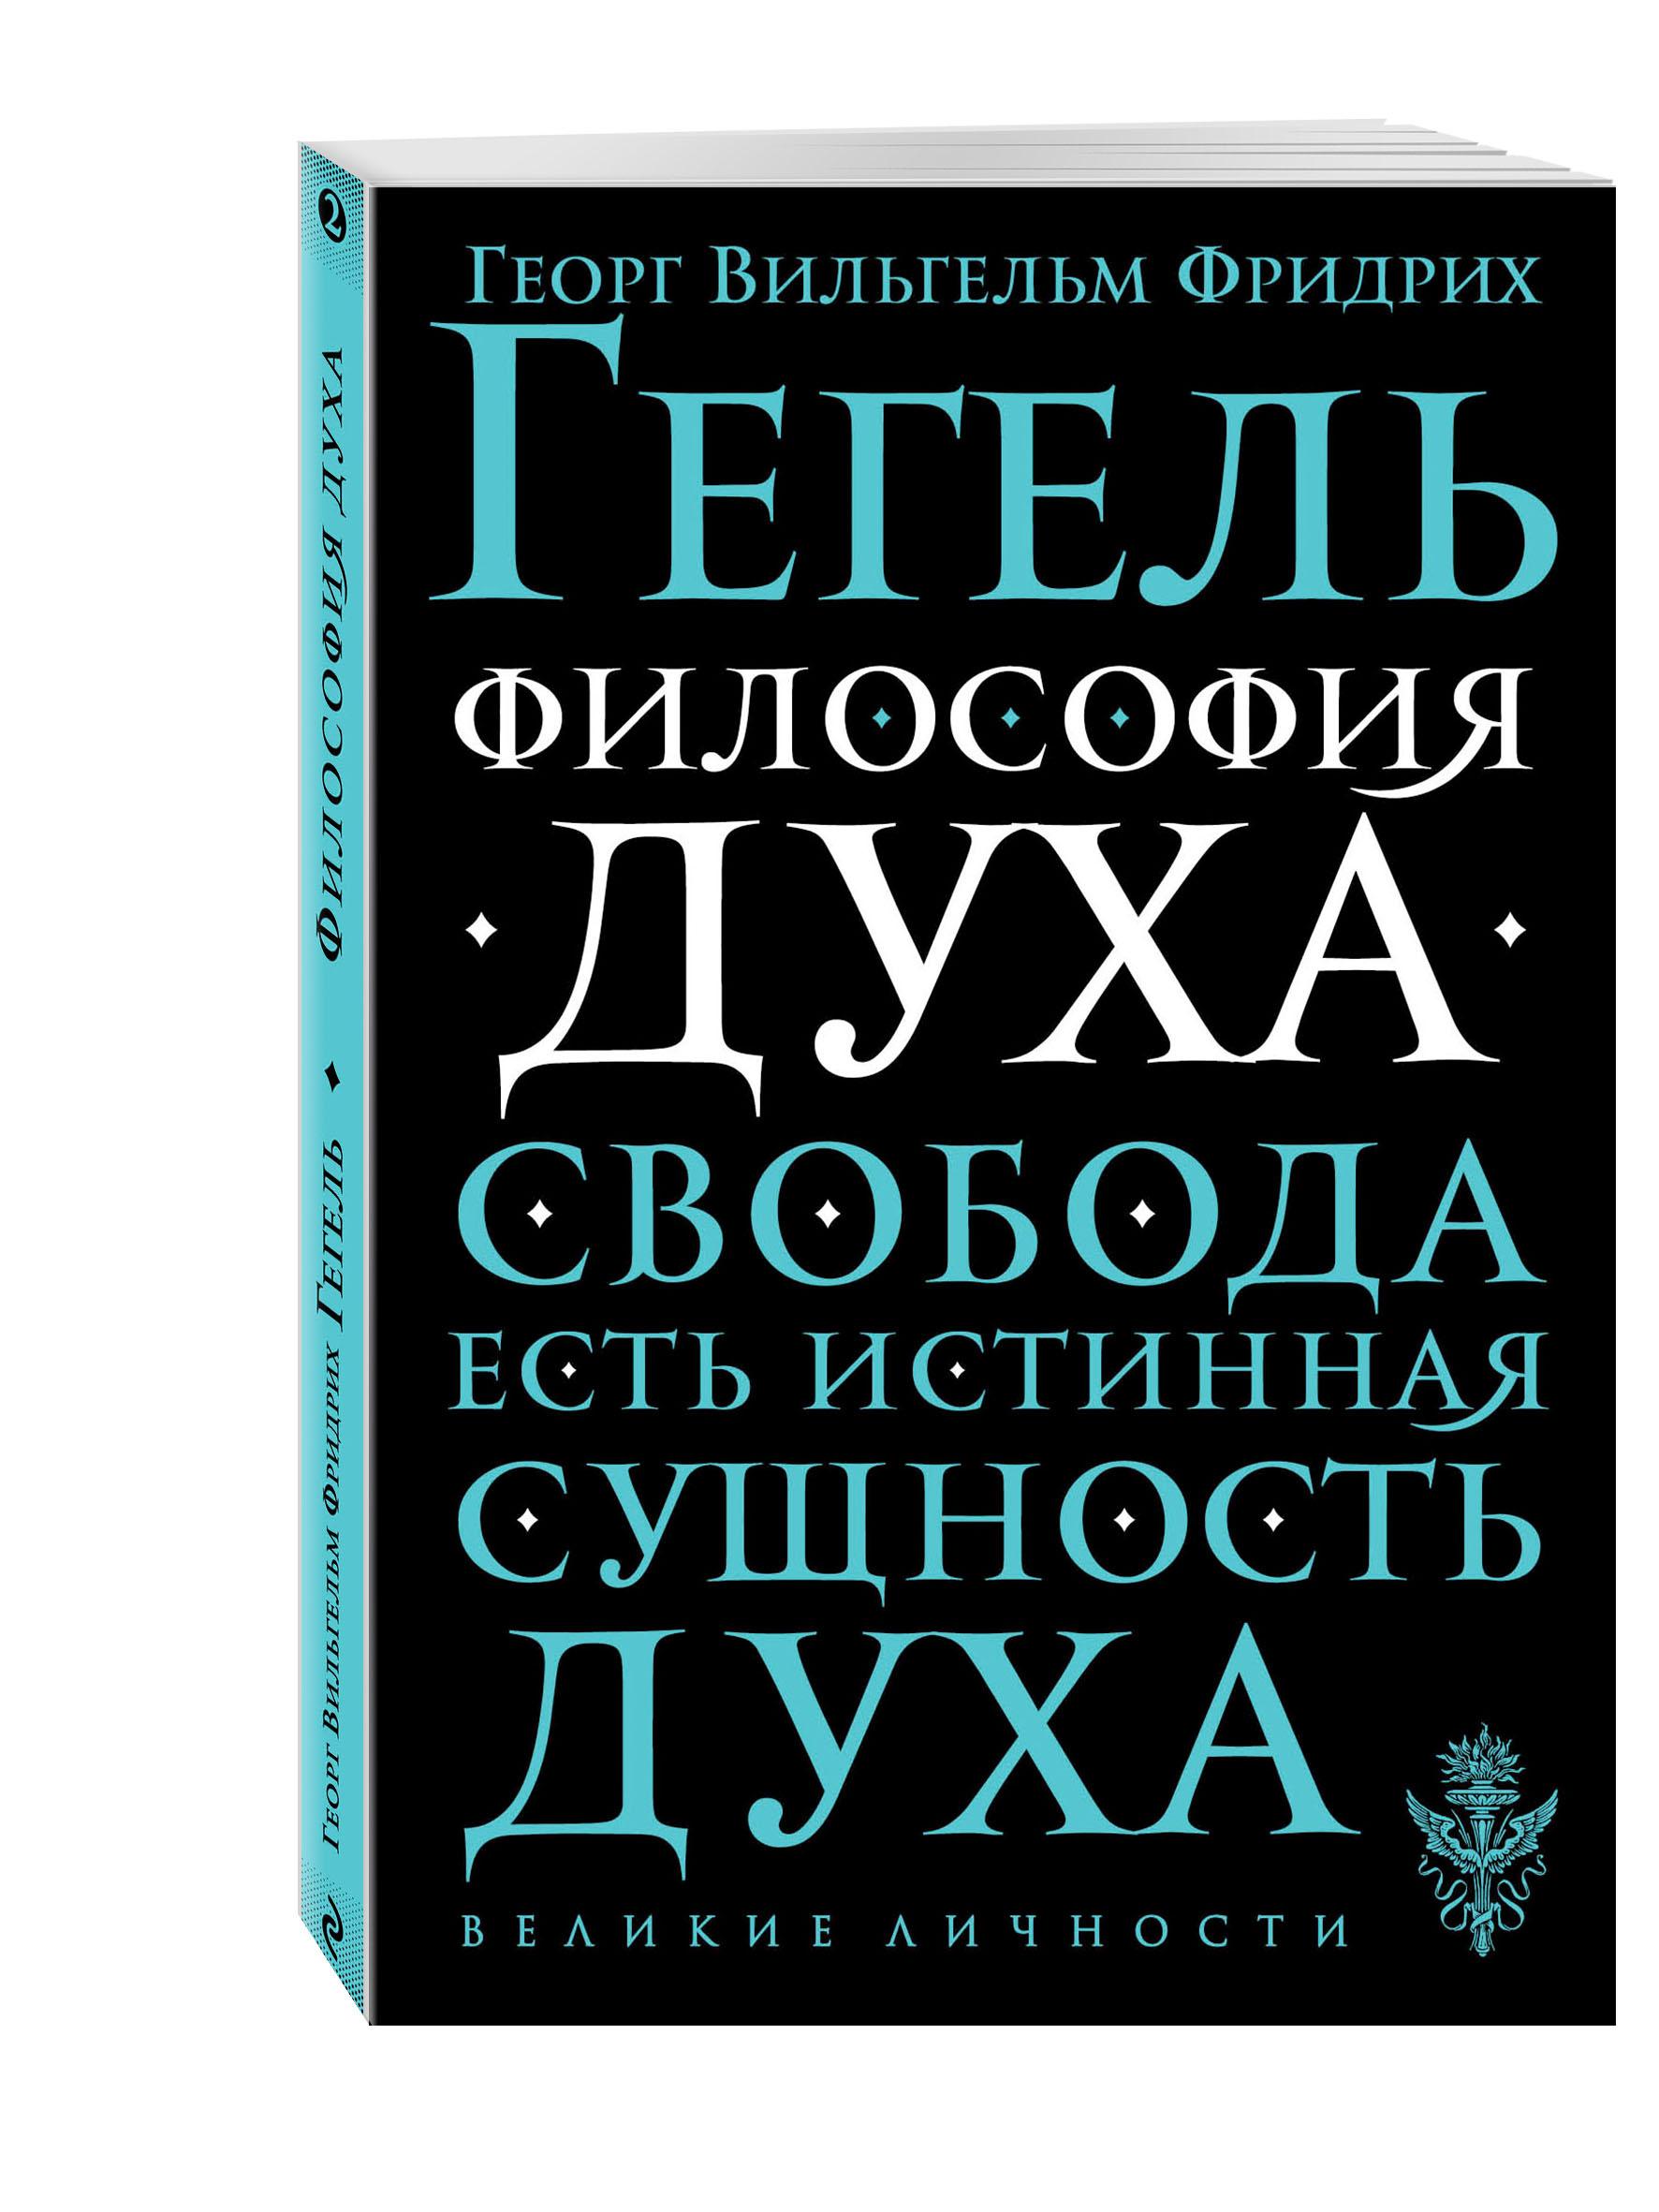 Георг Вильгельм Фридрих Гегель Философия духа философия свободного духа